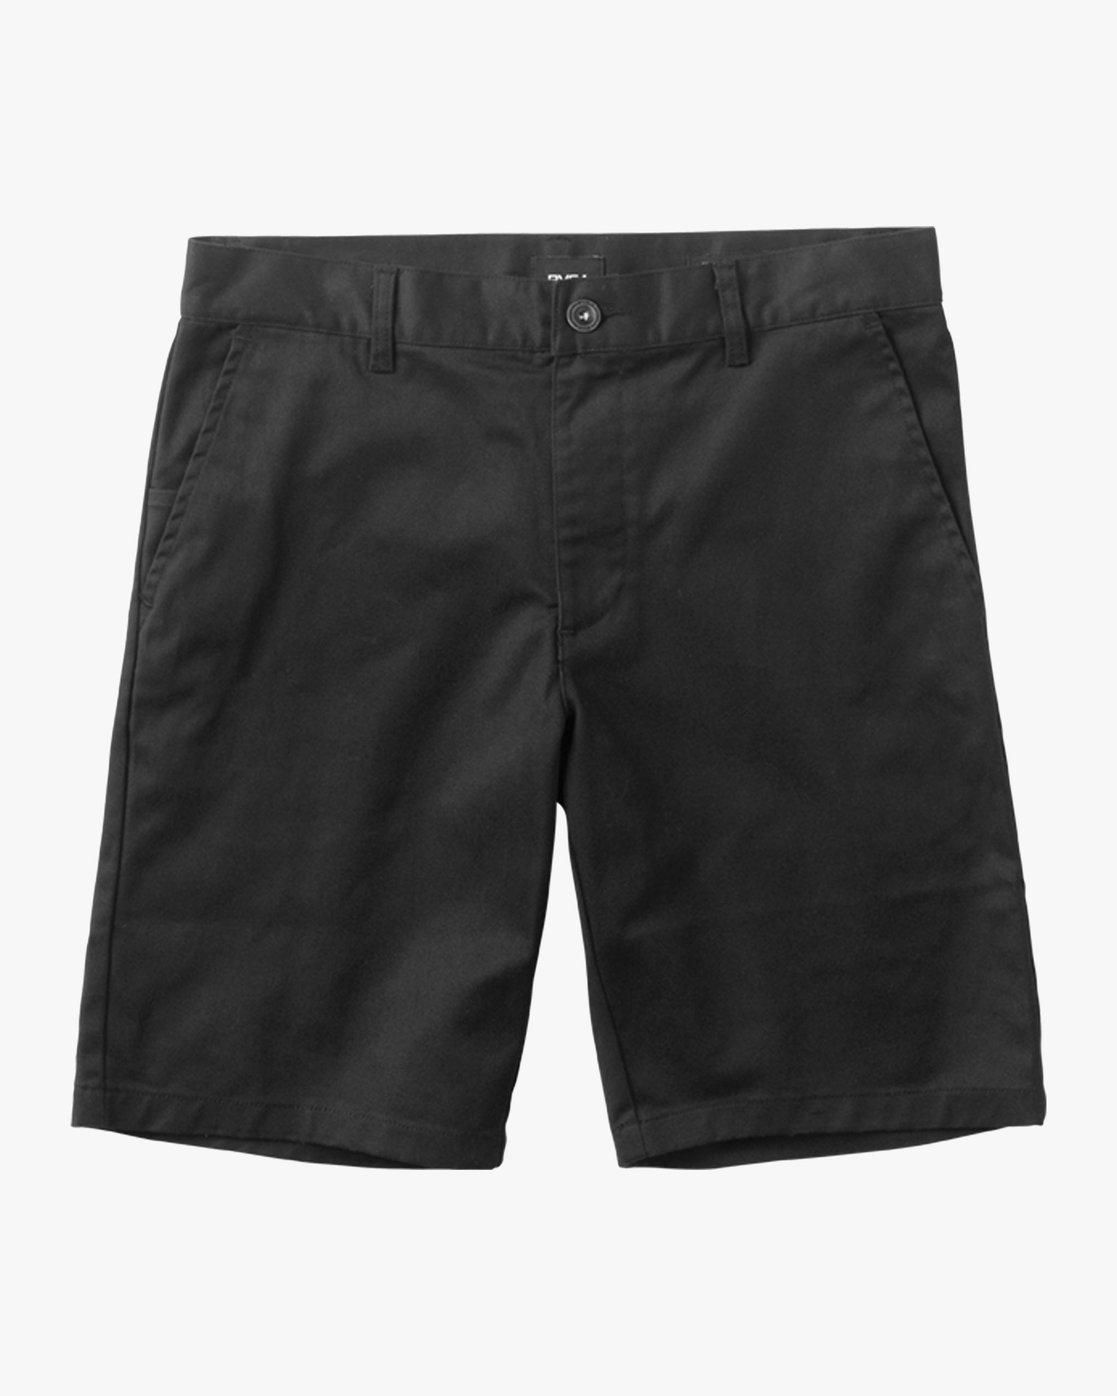 Boys Weekday Stretch Shorts BC201WST | RVCA